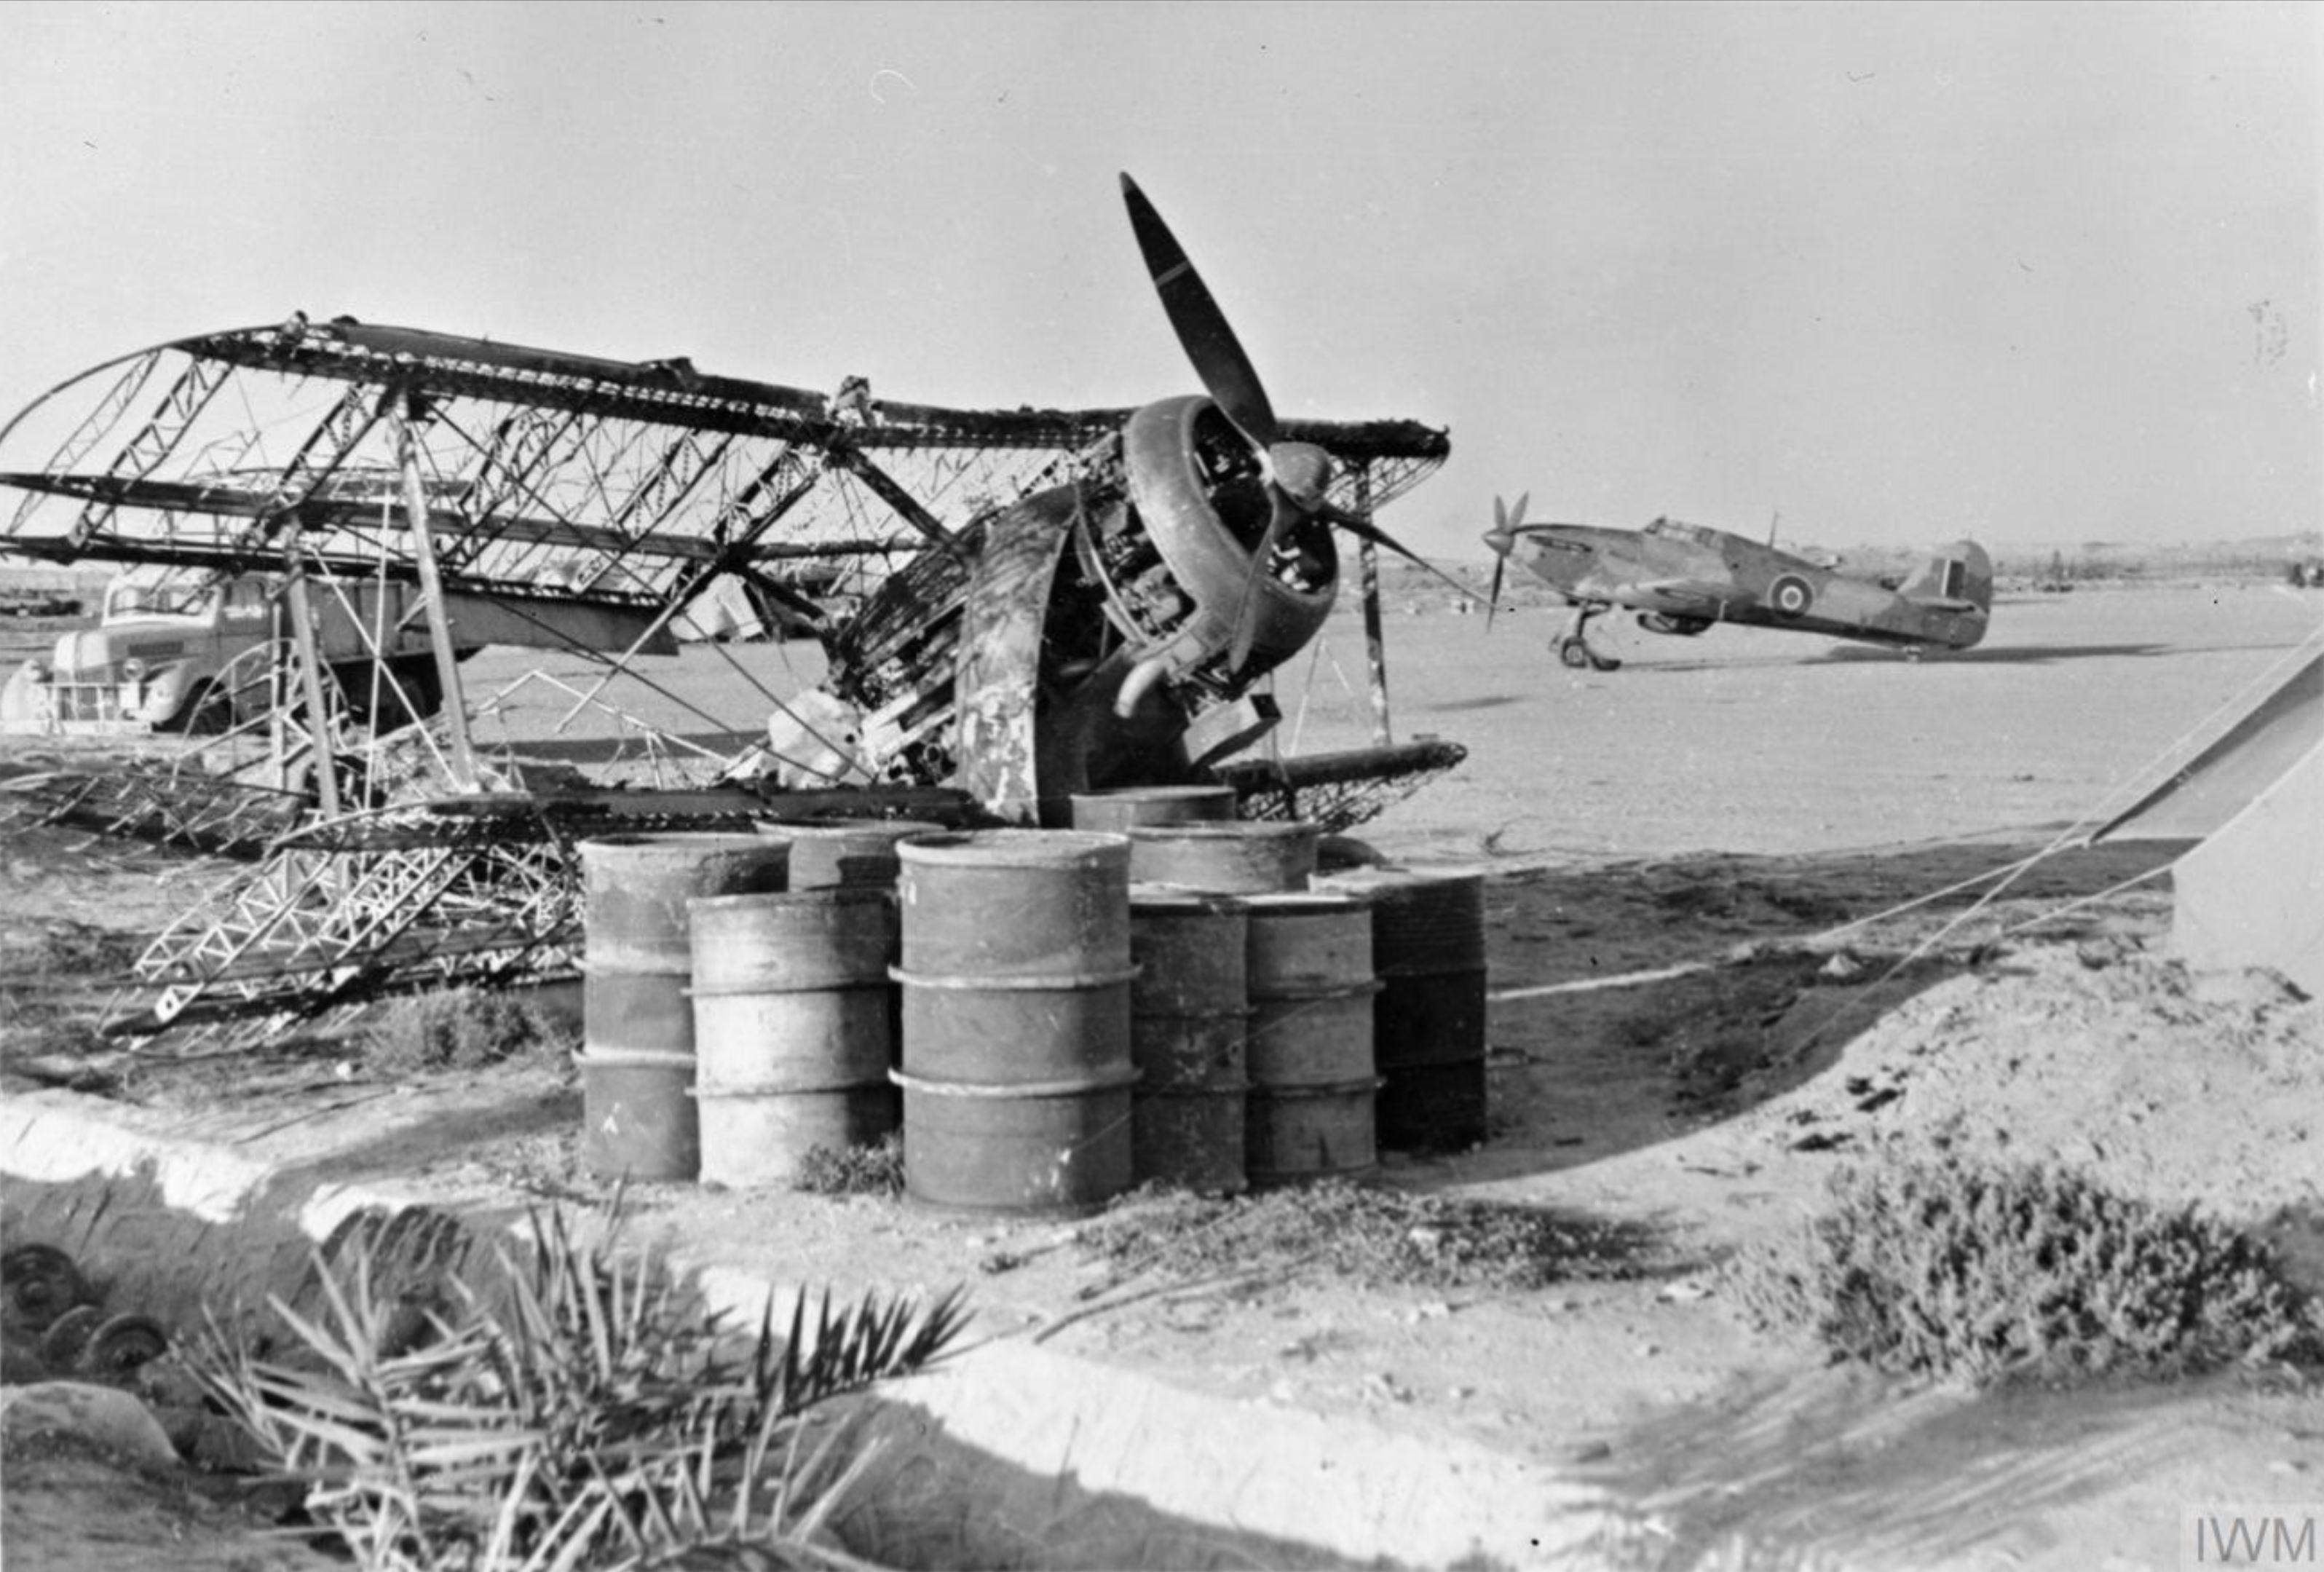 Hurricane I RAF 261Sqn W9133 at Ta Kali Malta 1941 IWM C2025